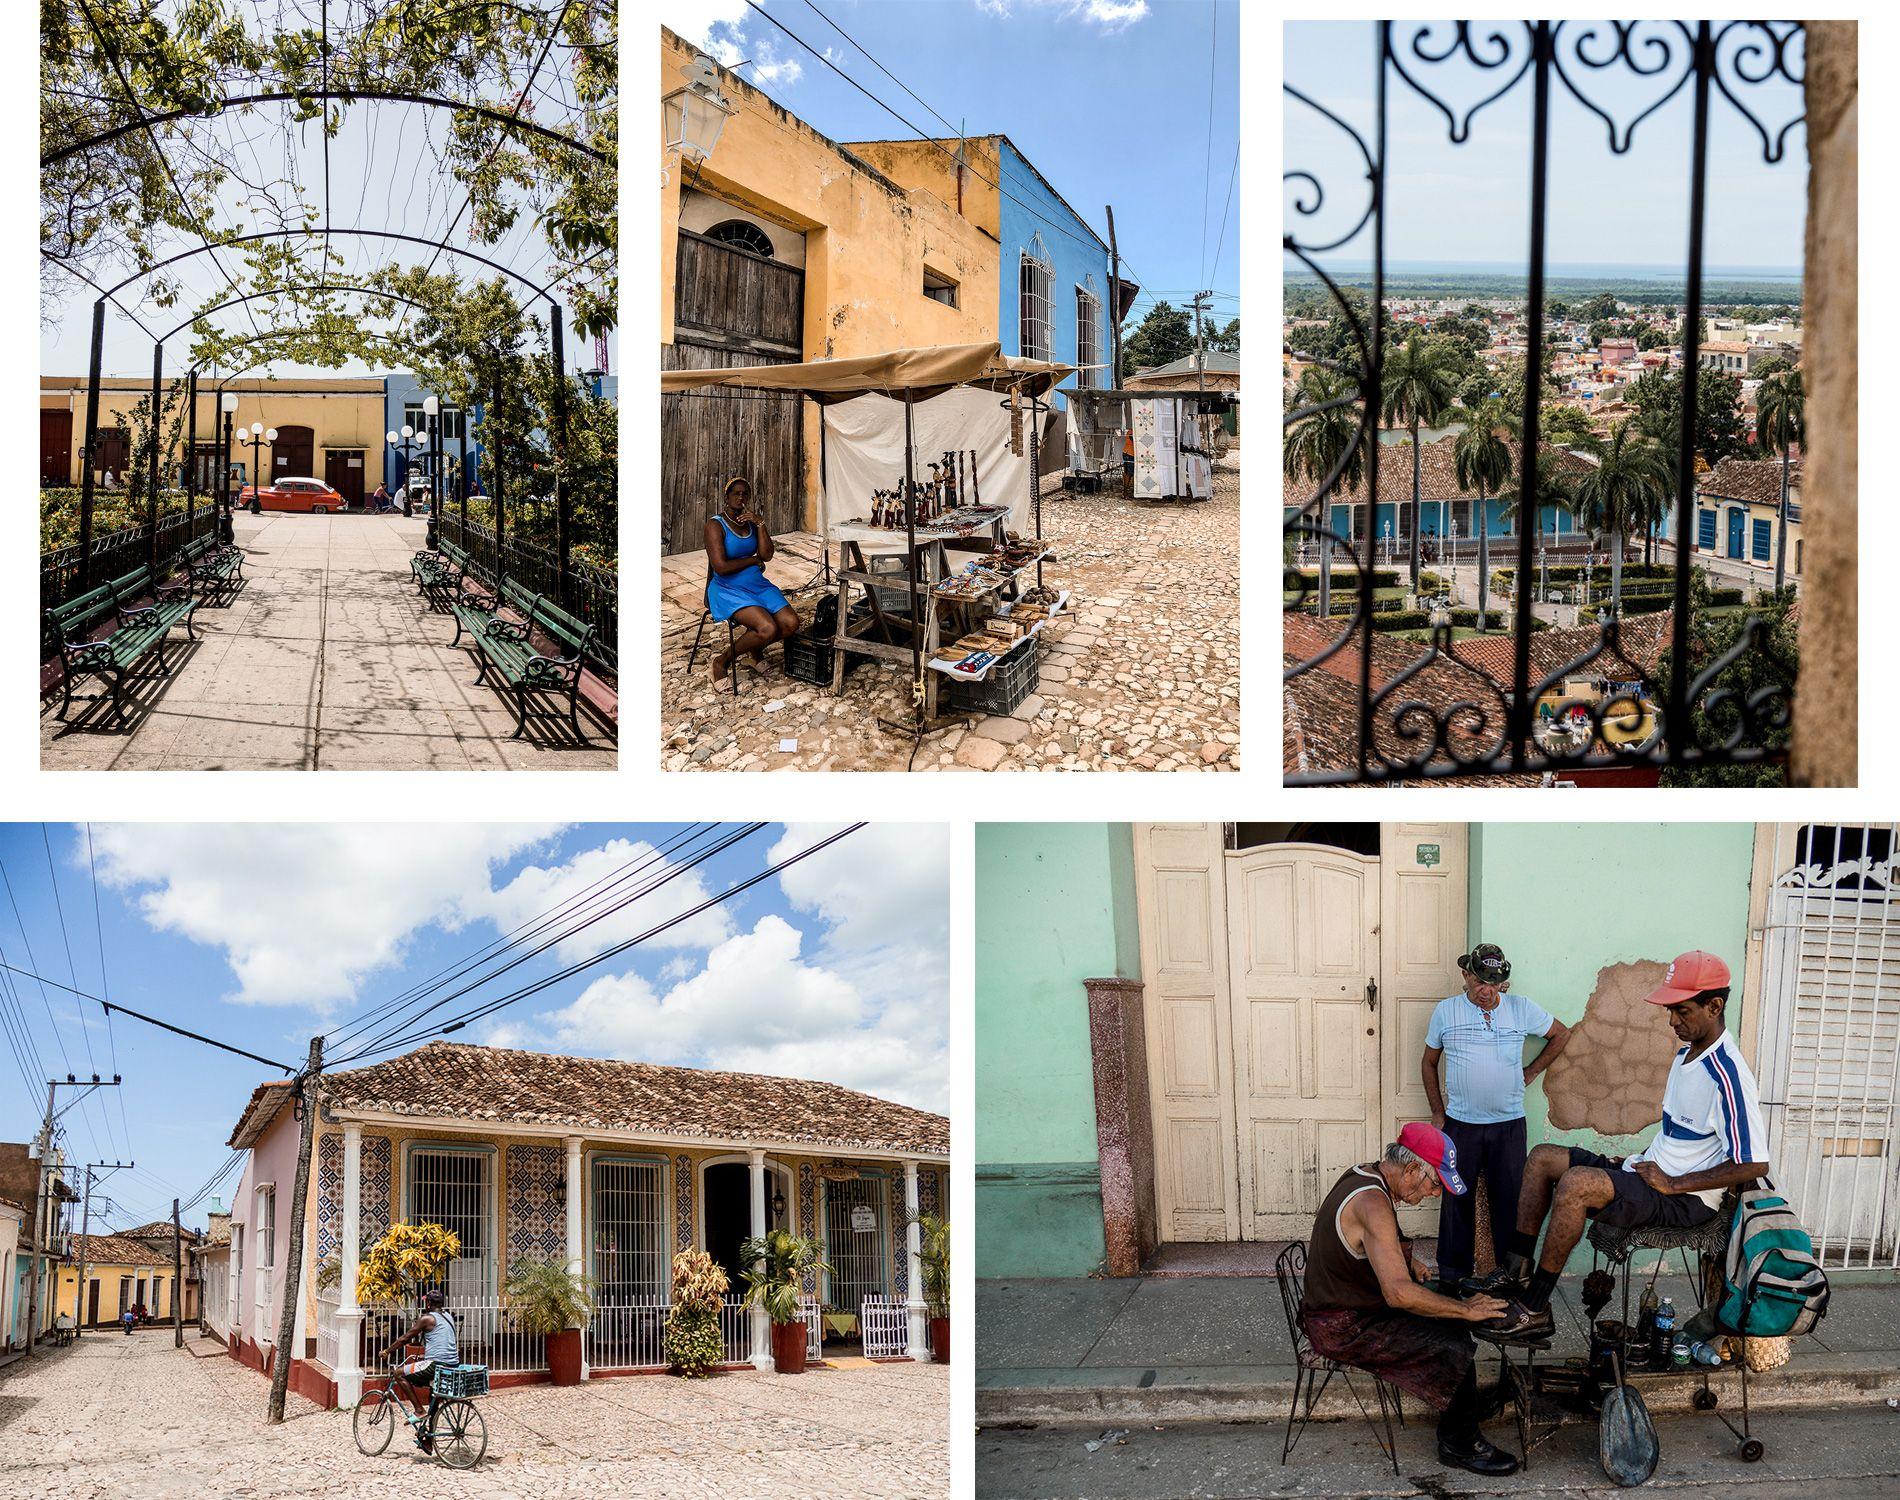 Cuba | Trinidad |centre-ville | que voir | conseils | voyage